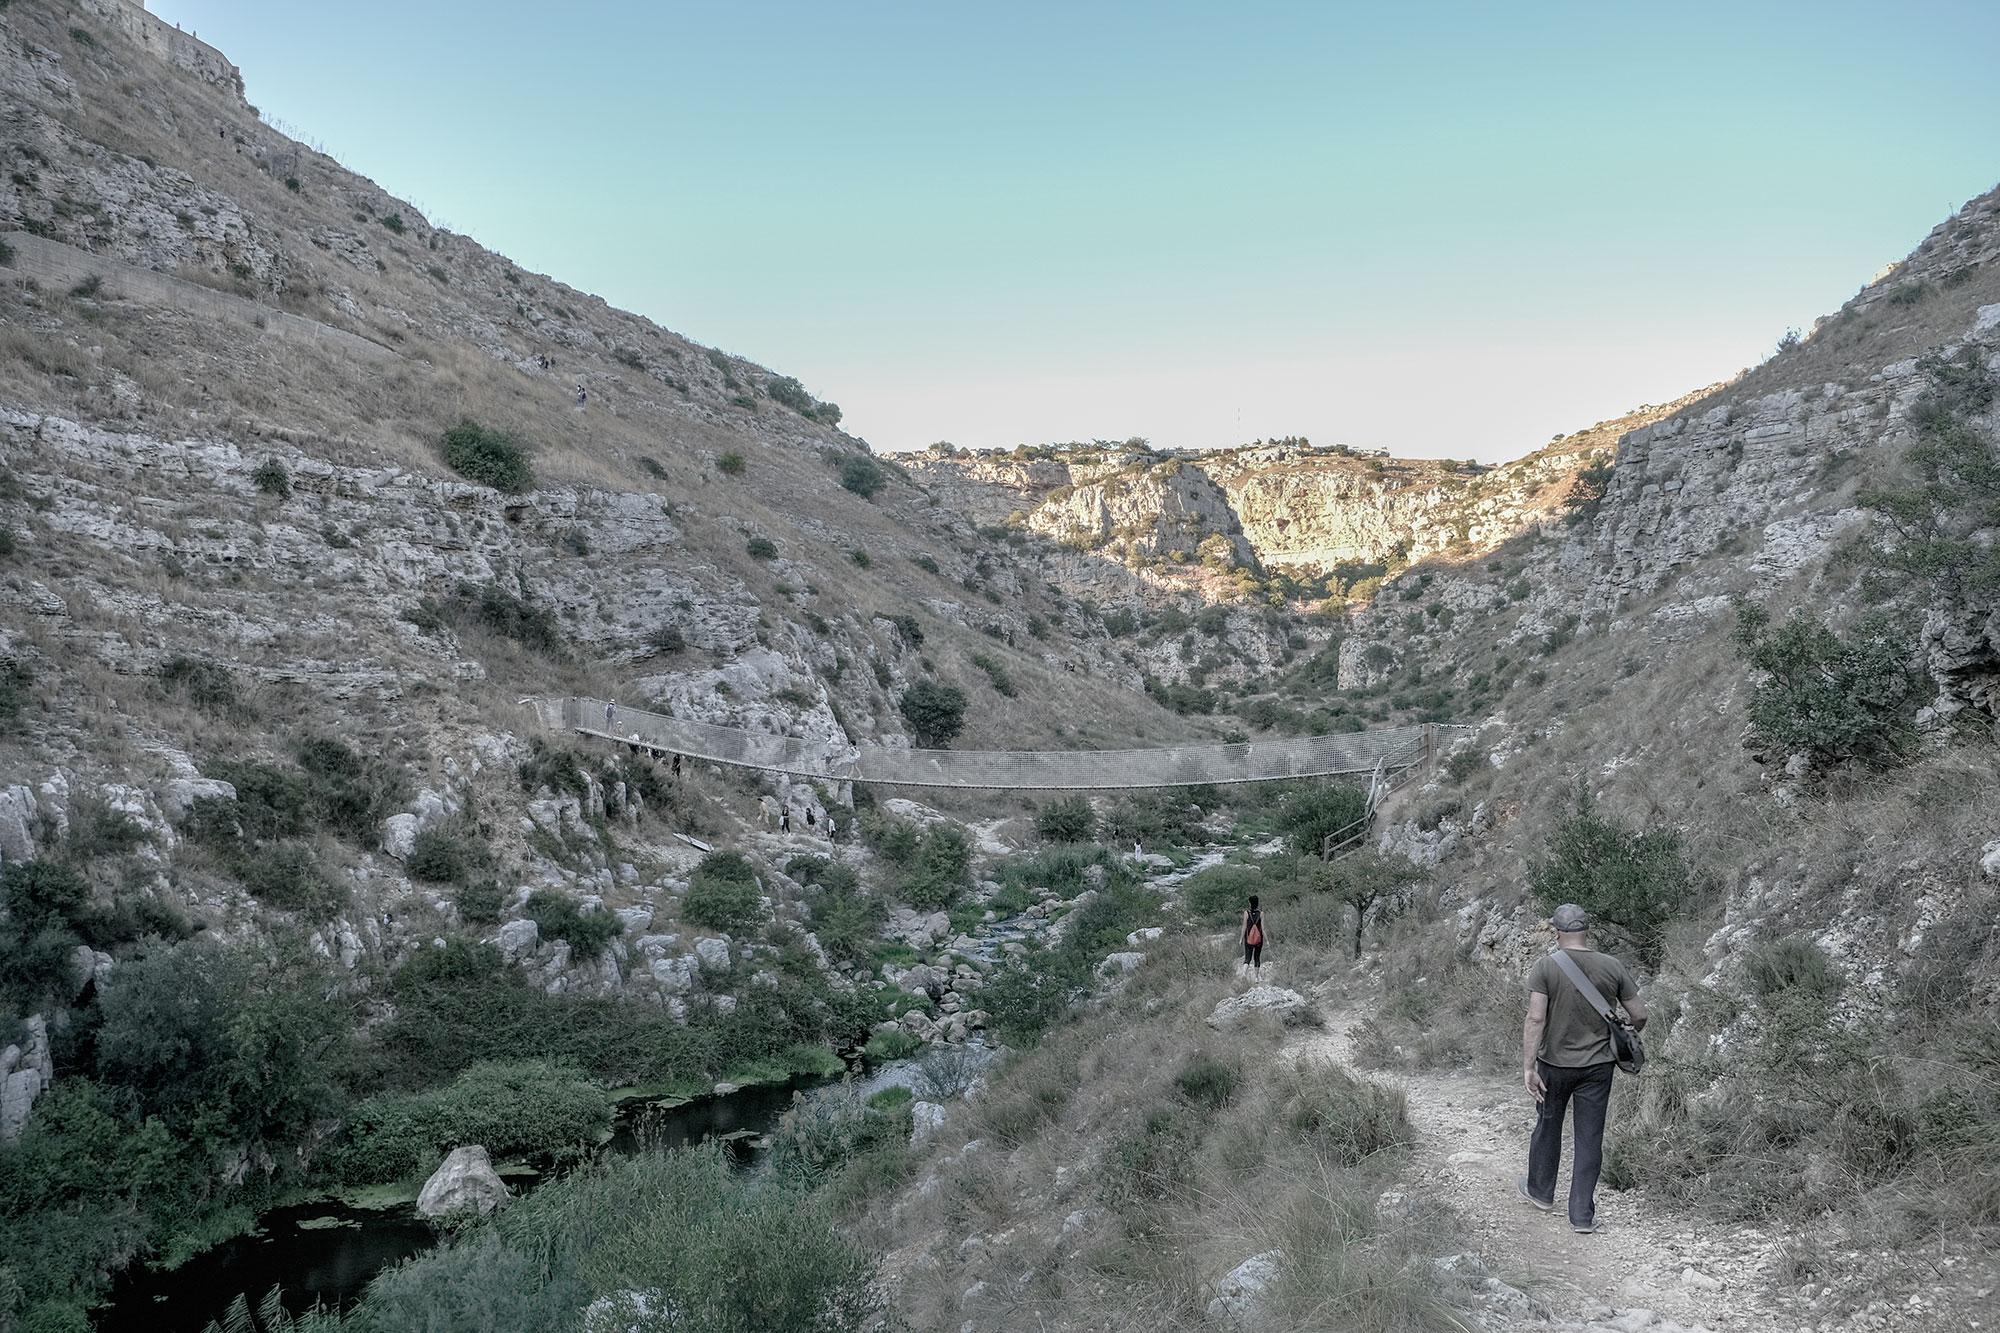 Passeggiata nella gravina di Matera, nell'area del Parco Murgia